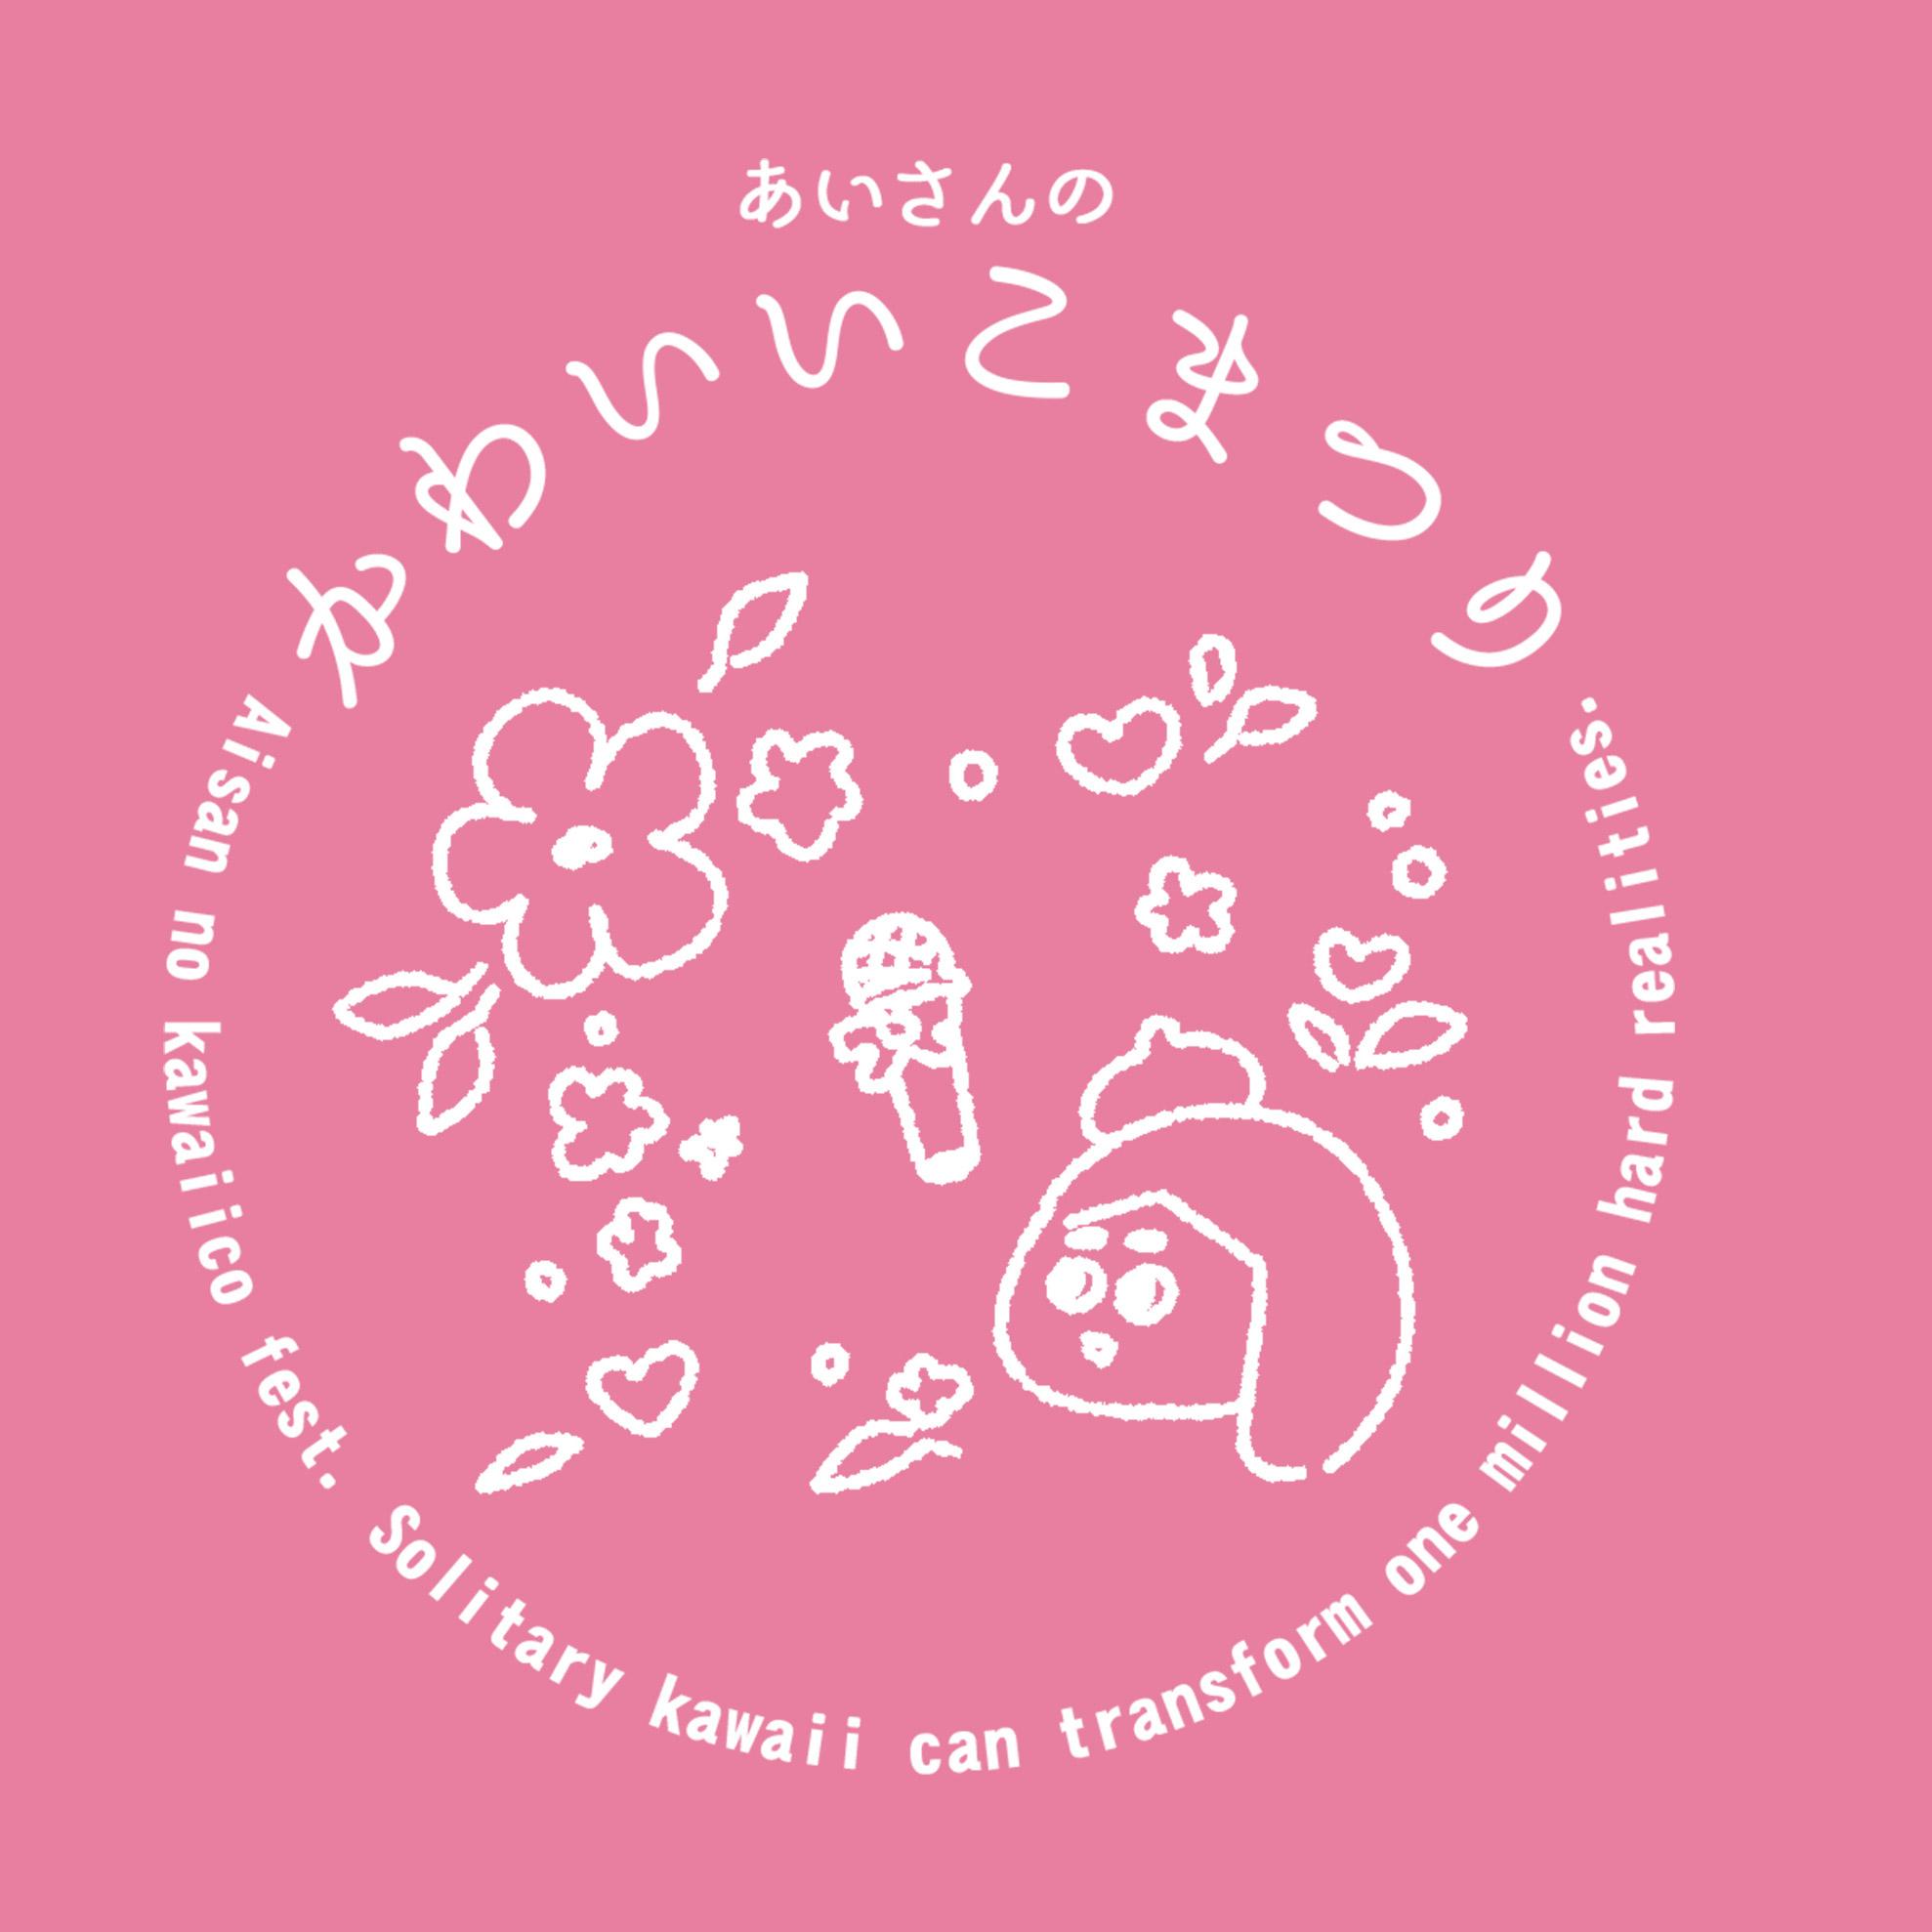 <開催延期>藍主催ライブイベント『あいさんのかわいいこまつり Vol.6 ~春と出会いのかわいいこたち~』